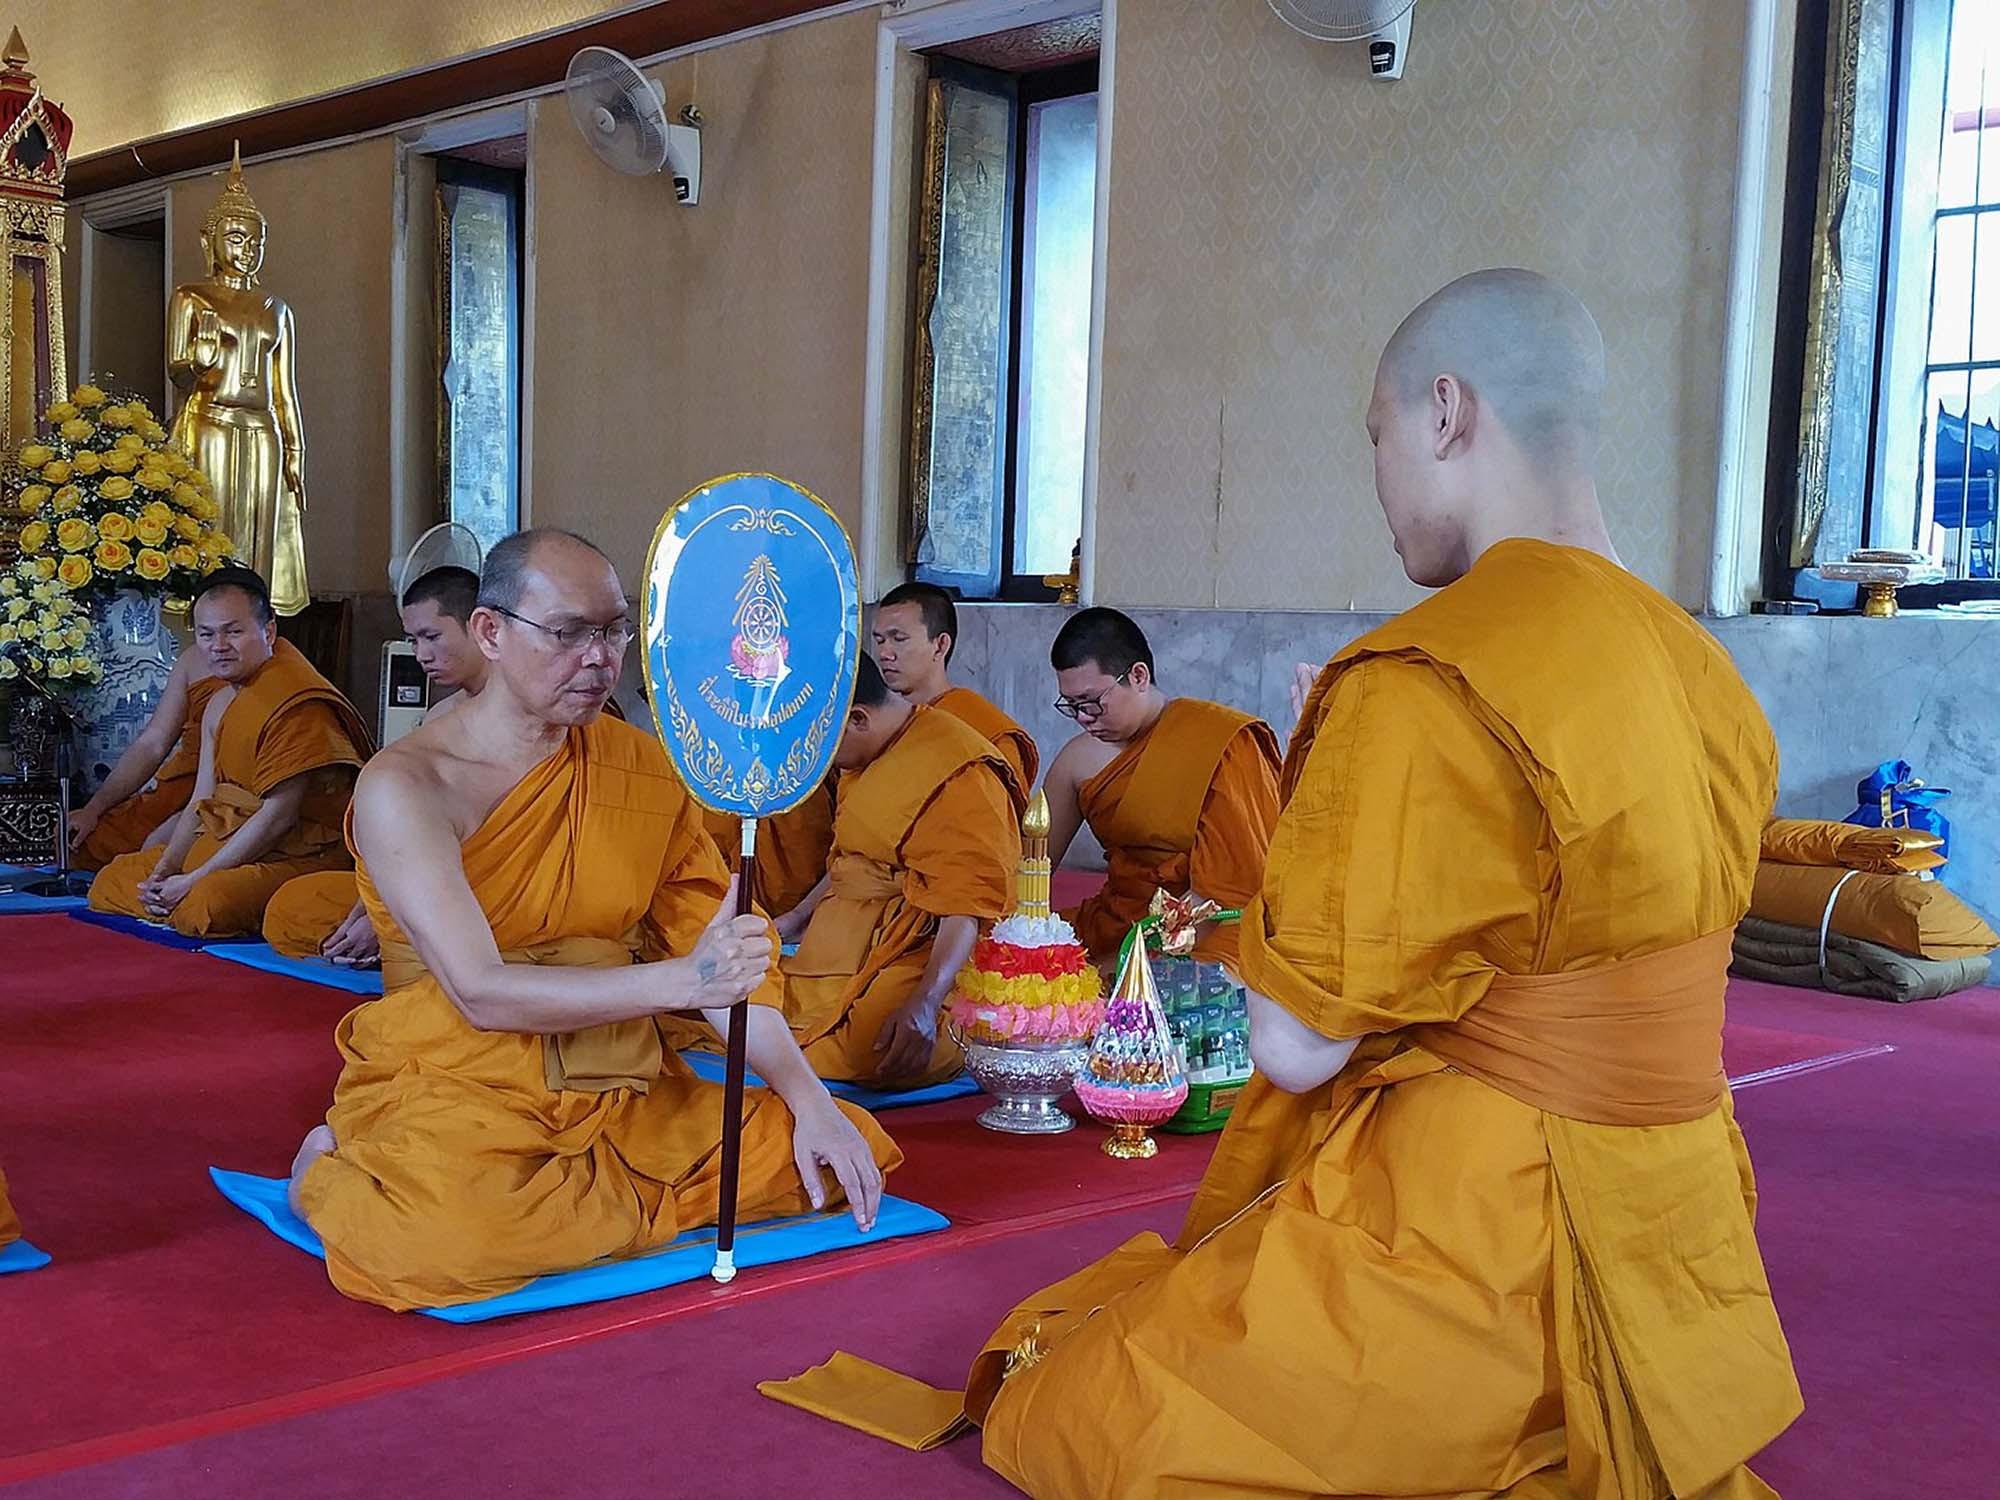 Ordination of a young man as a monk, Wat Yannawa Temple, Bangkok, Thailand